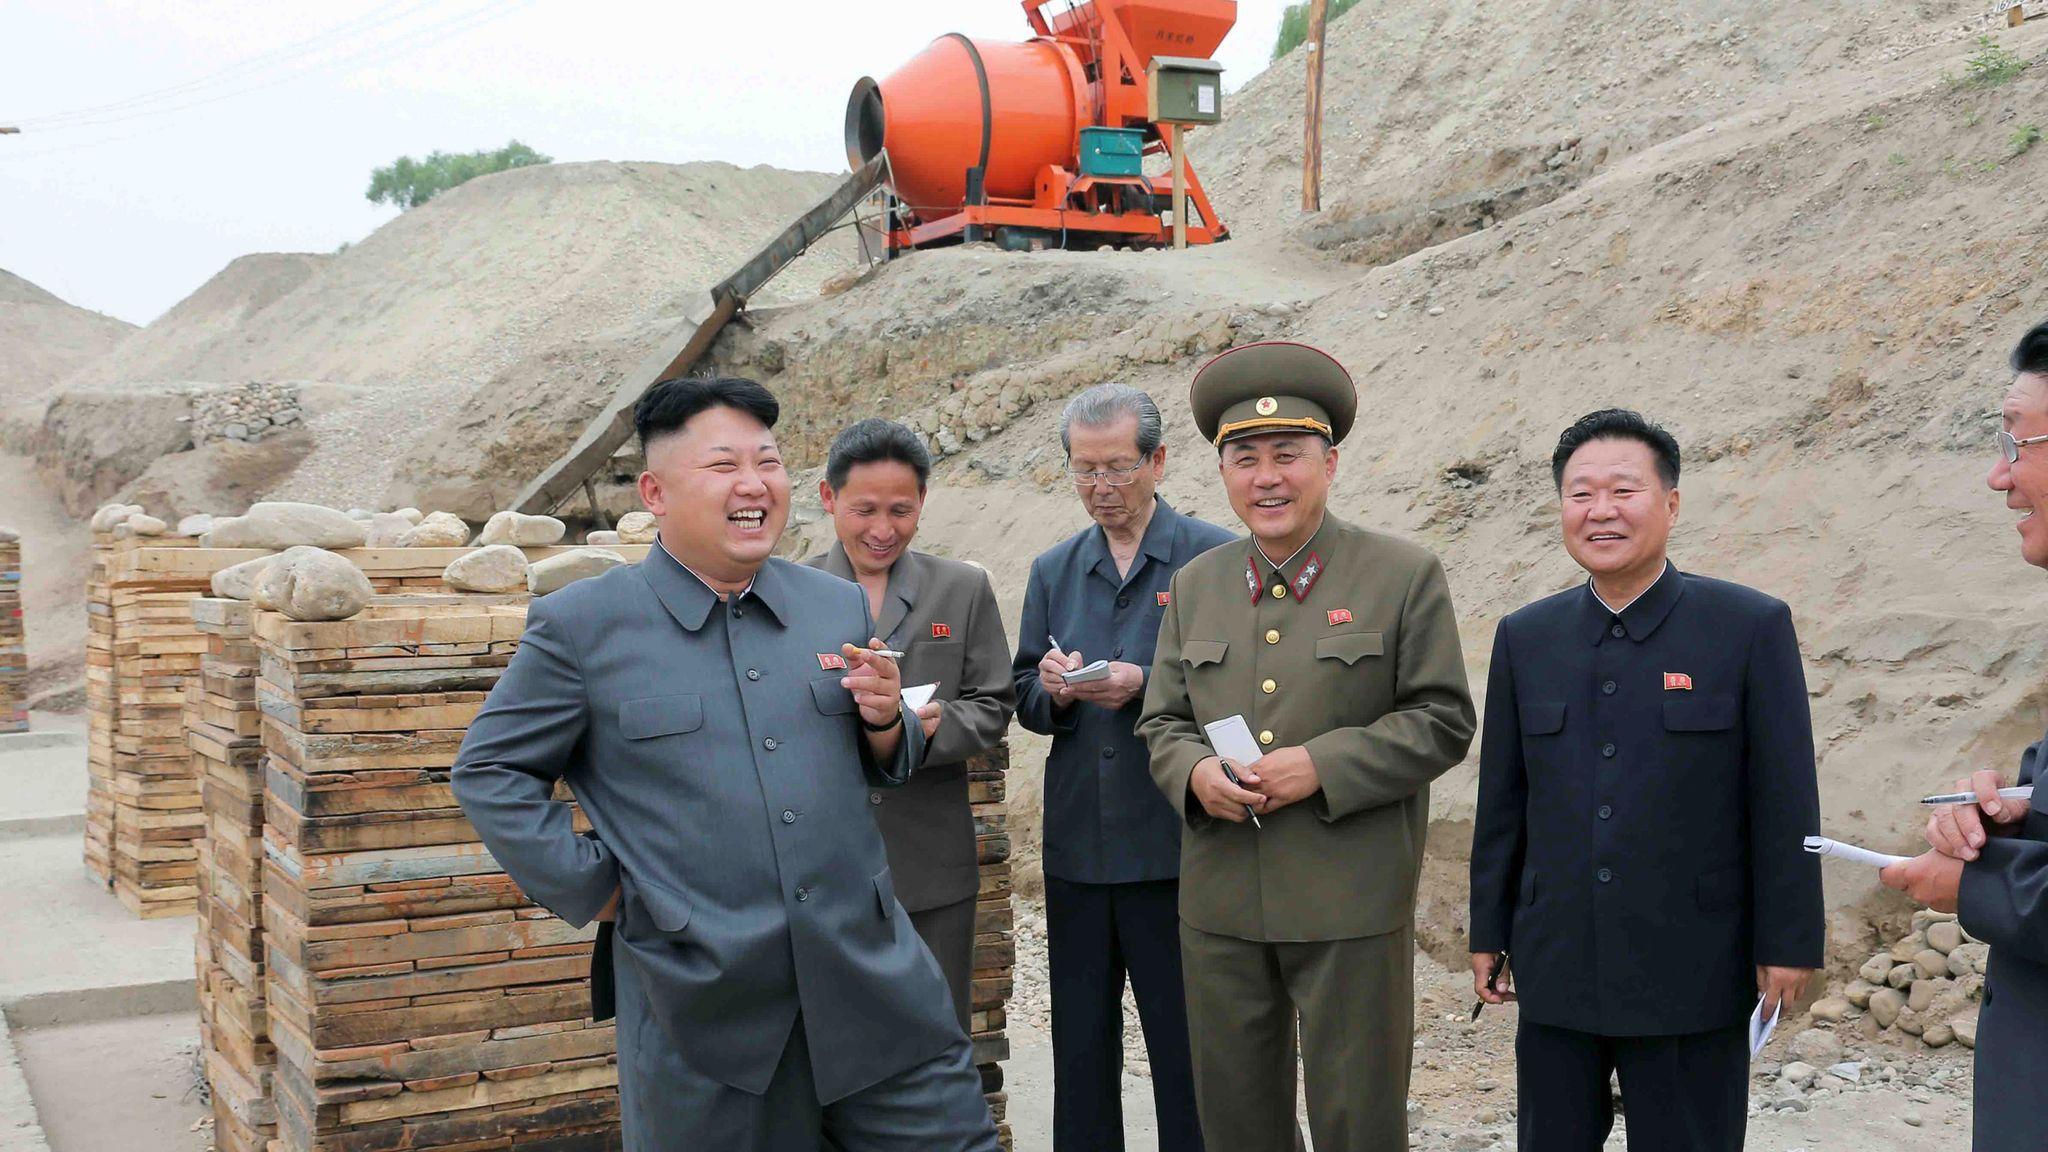 چرا کره شمالی درباره کیم جونگ اون حرفی نمیزند؟